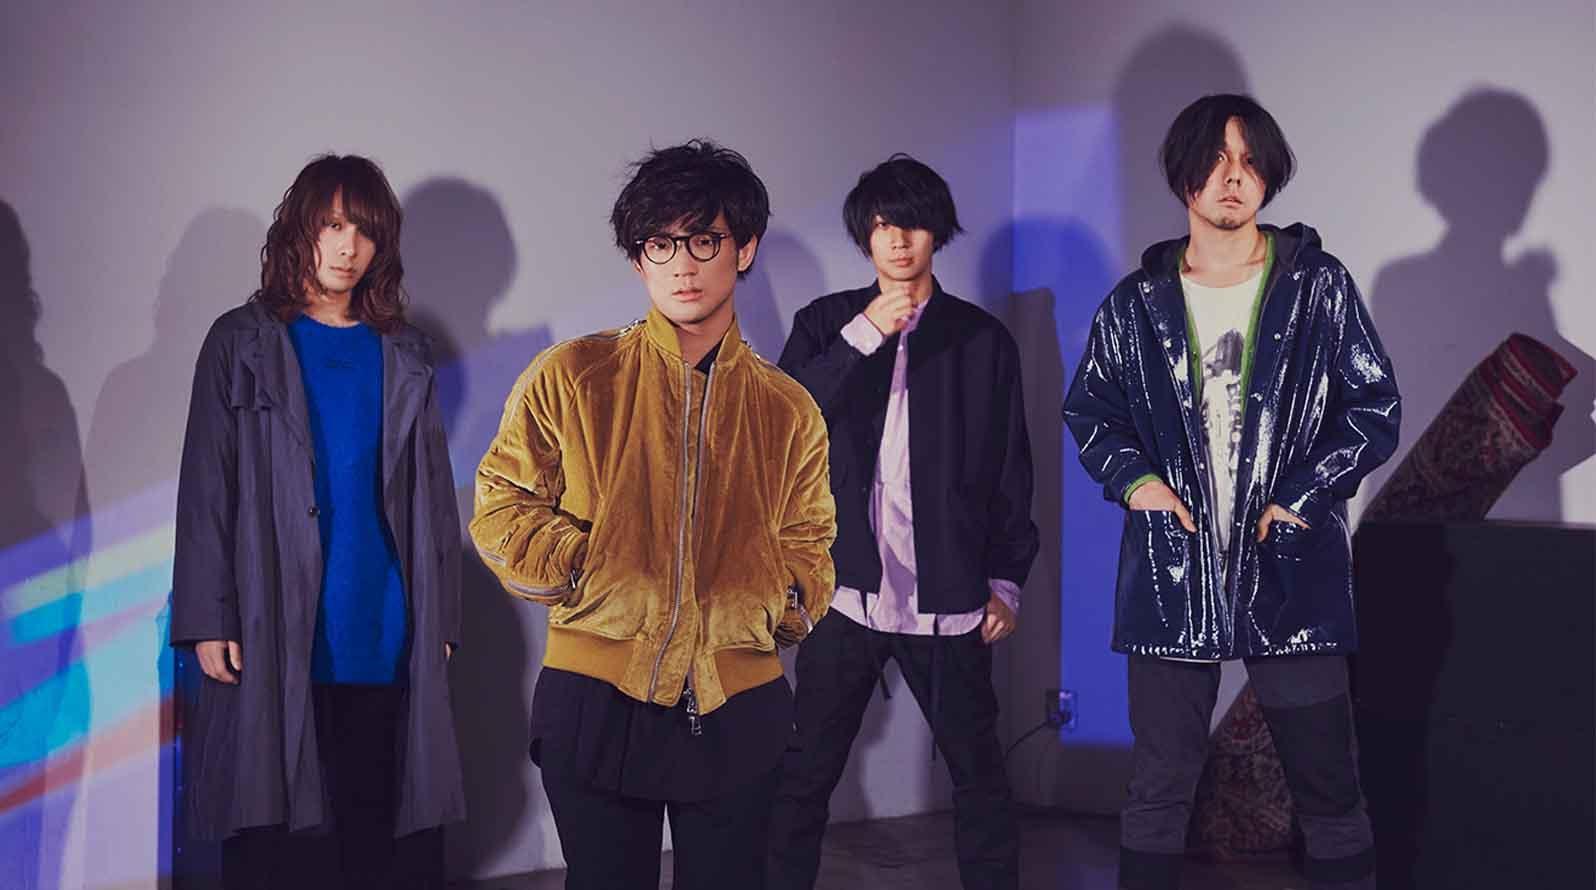 """【迷迷歌單】HITORIE UNKNOWN-TOUR 2018 """"Loveless"""" in Taiwan"""